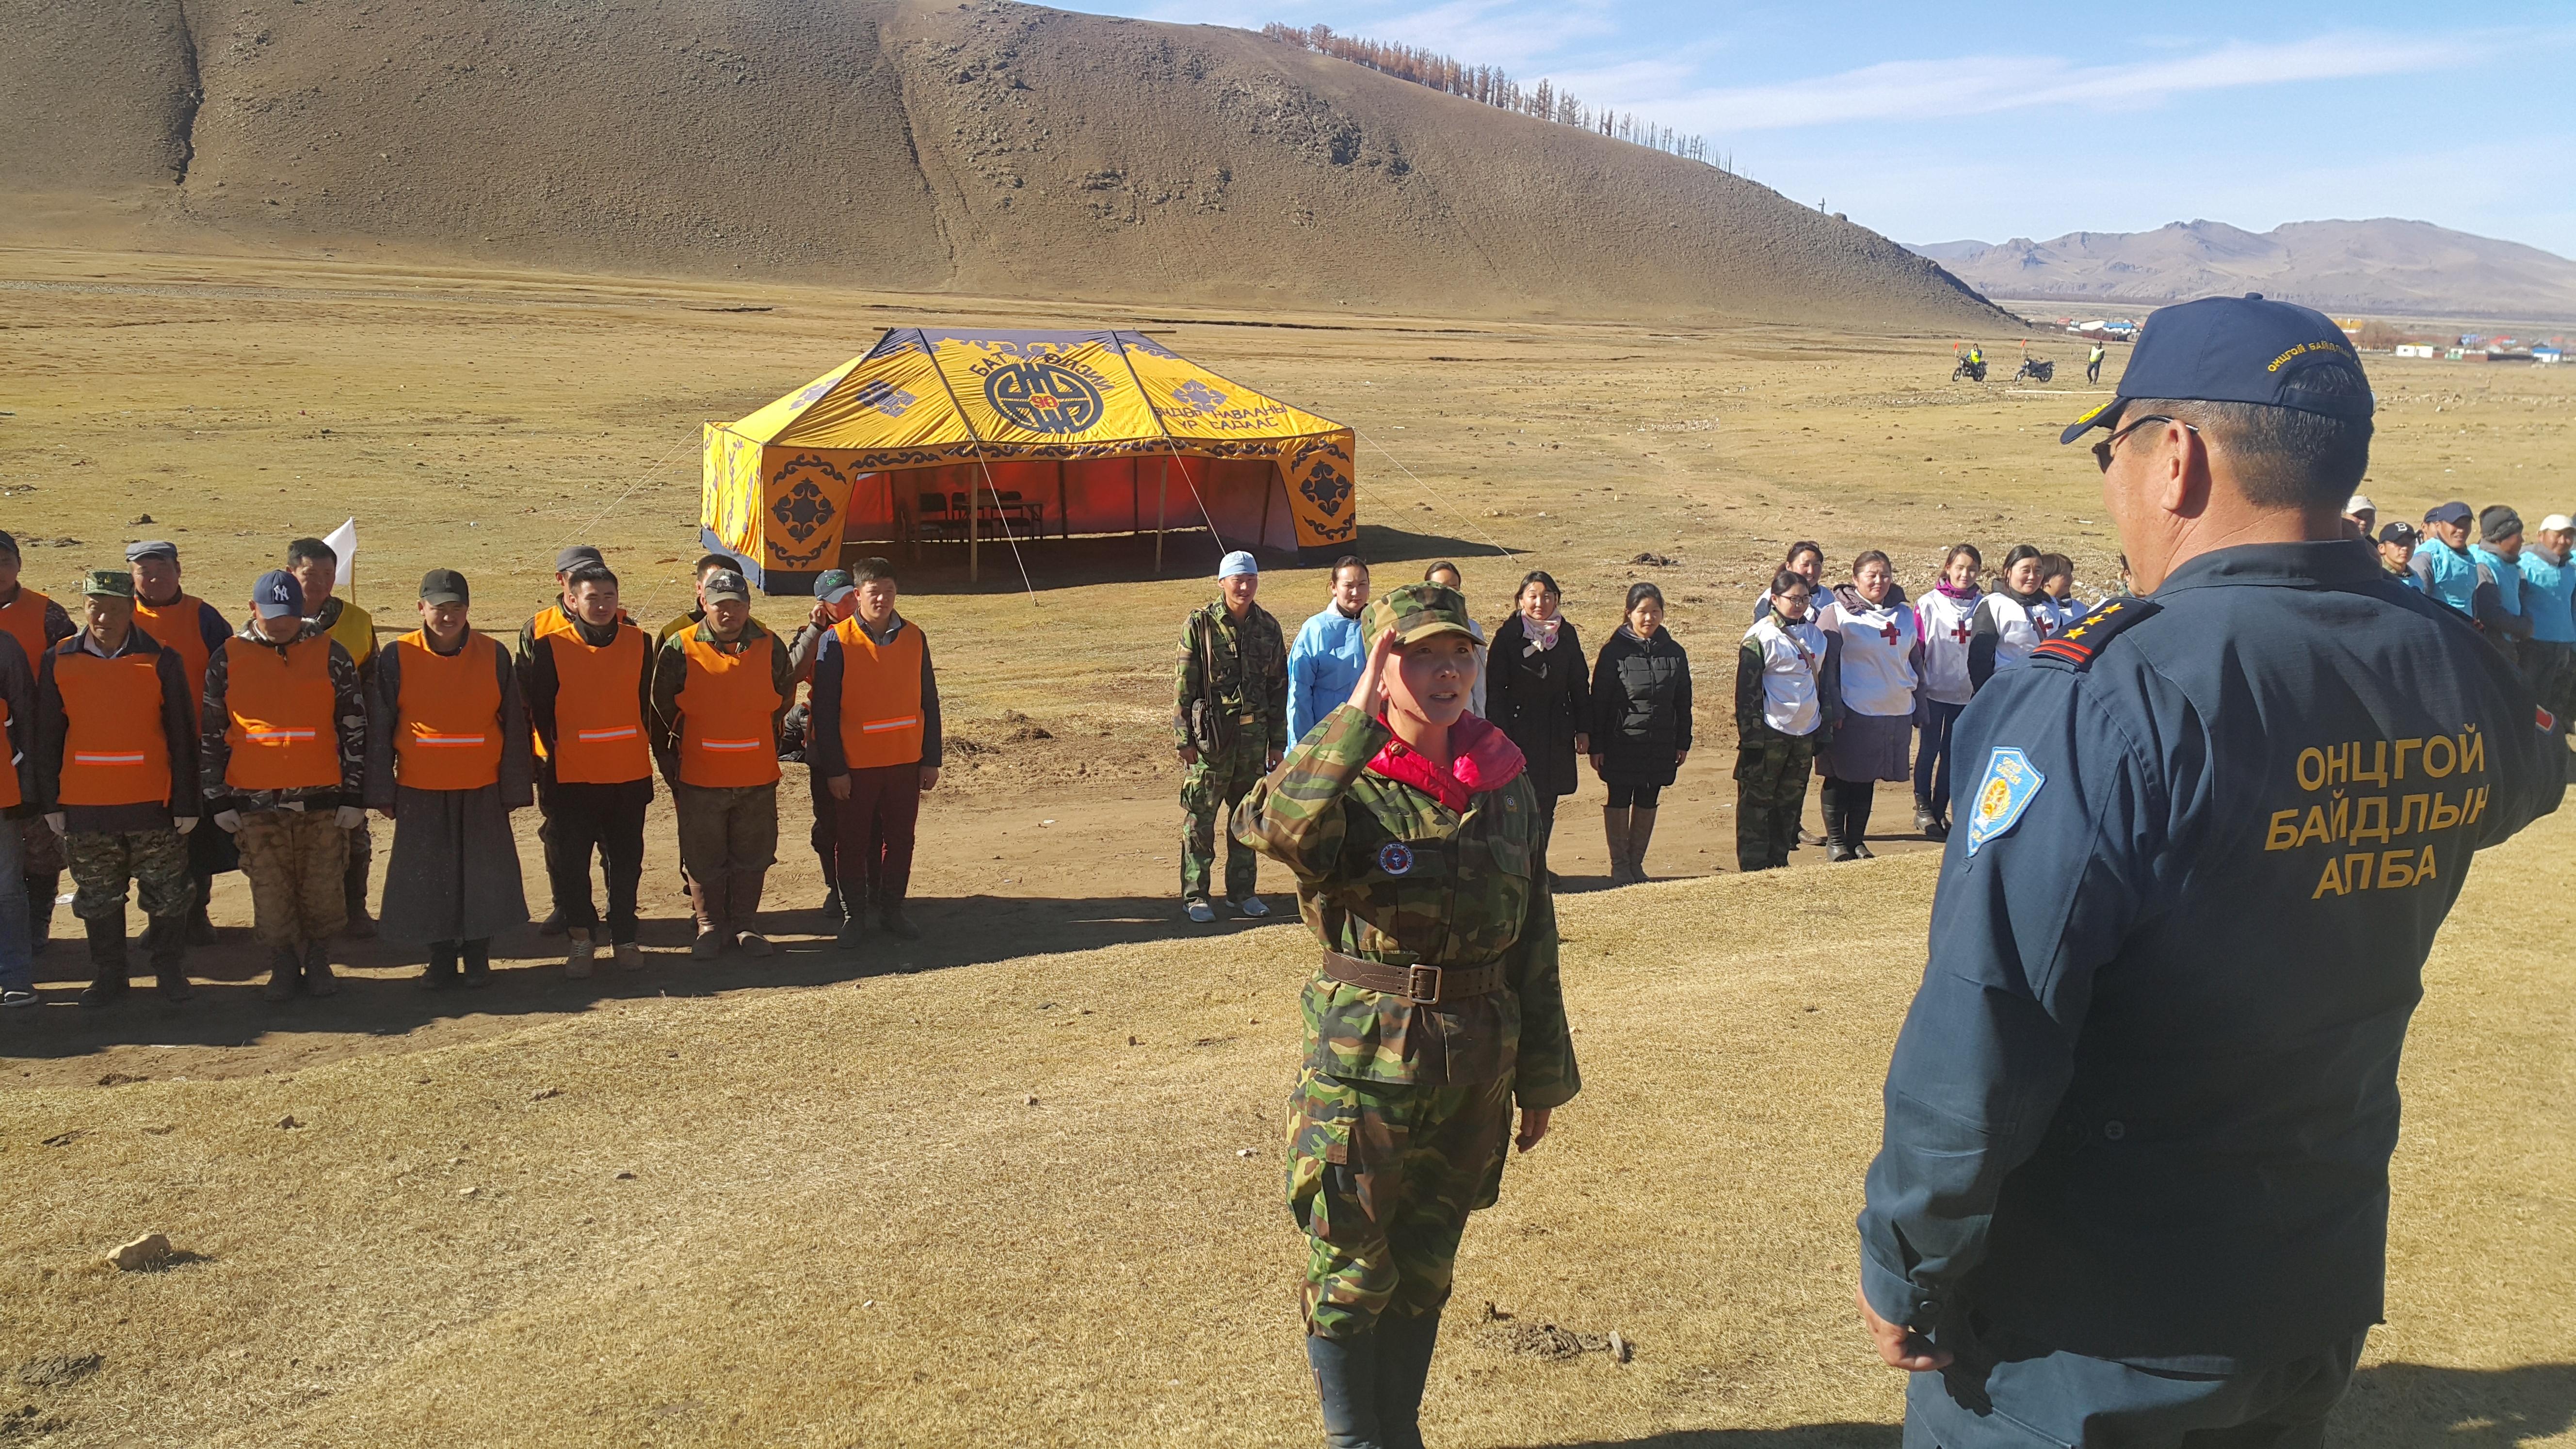 Өвөрхангай аймгийн Бат-Өлзий суманд Гамшгаас хамгаалах иж бүрэн сургууль зохион байгууллаа